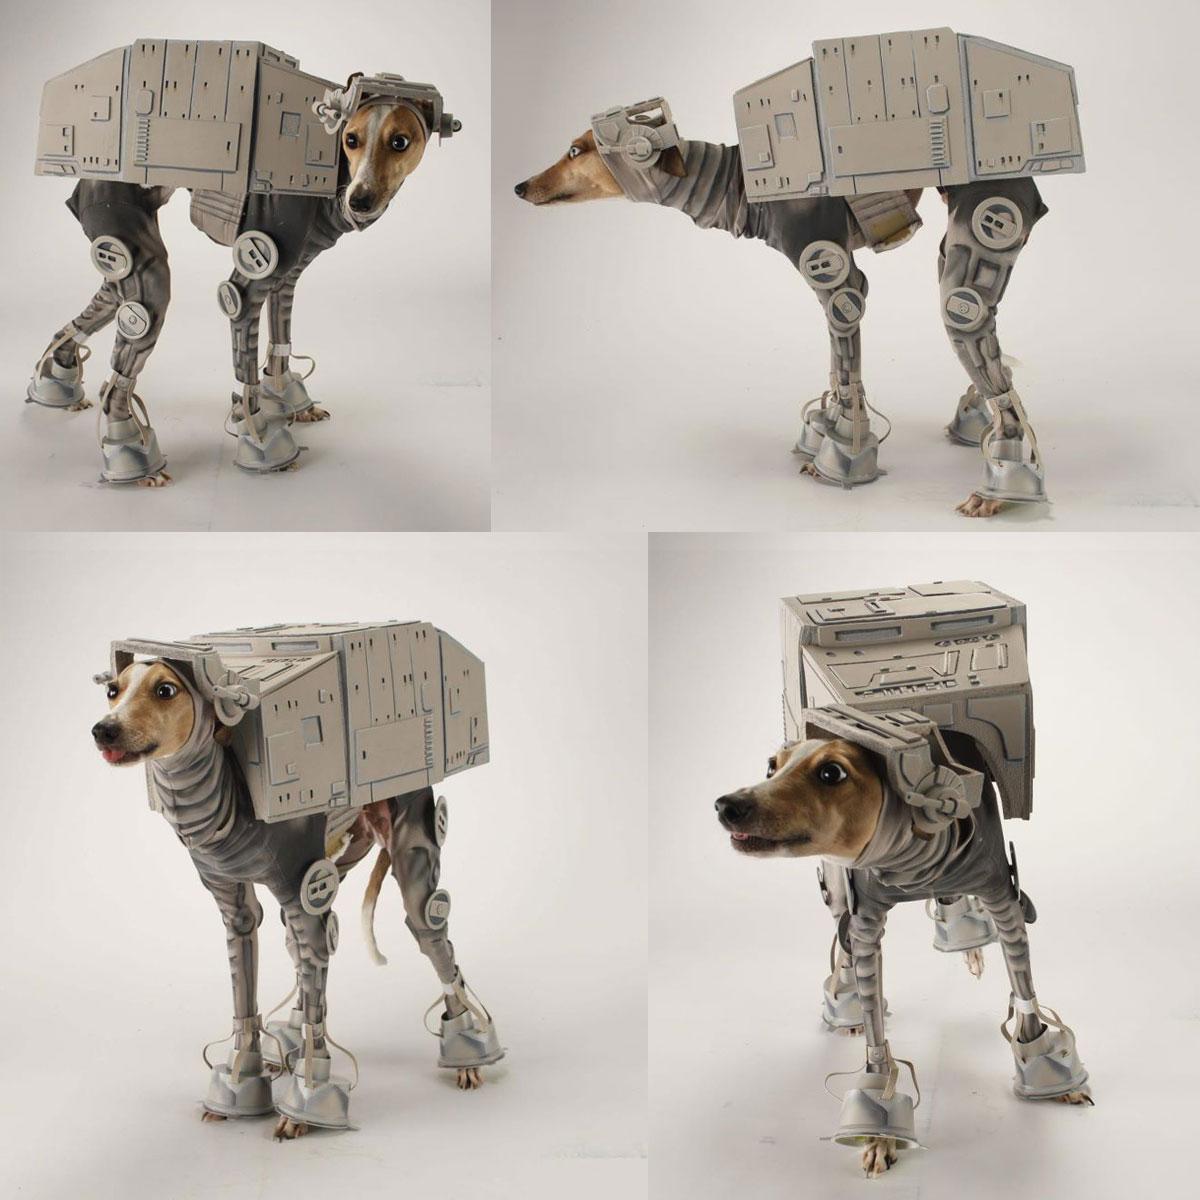 & The Making of an AT-AT-DOG